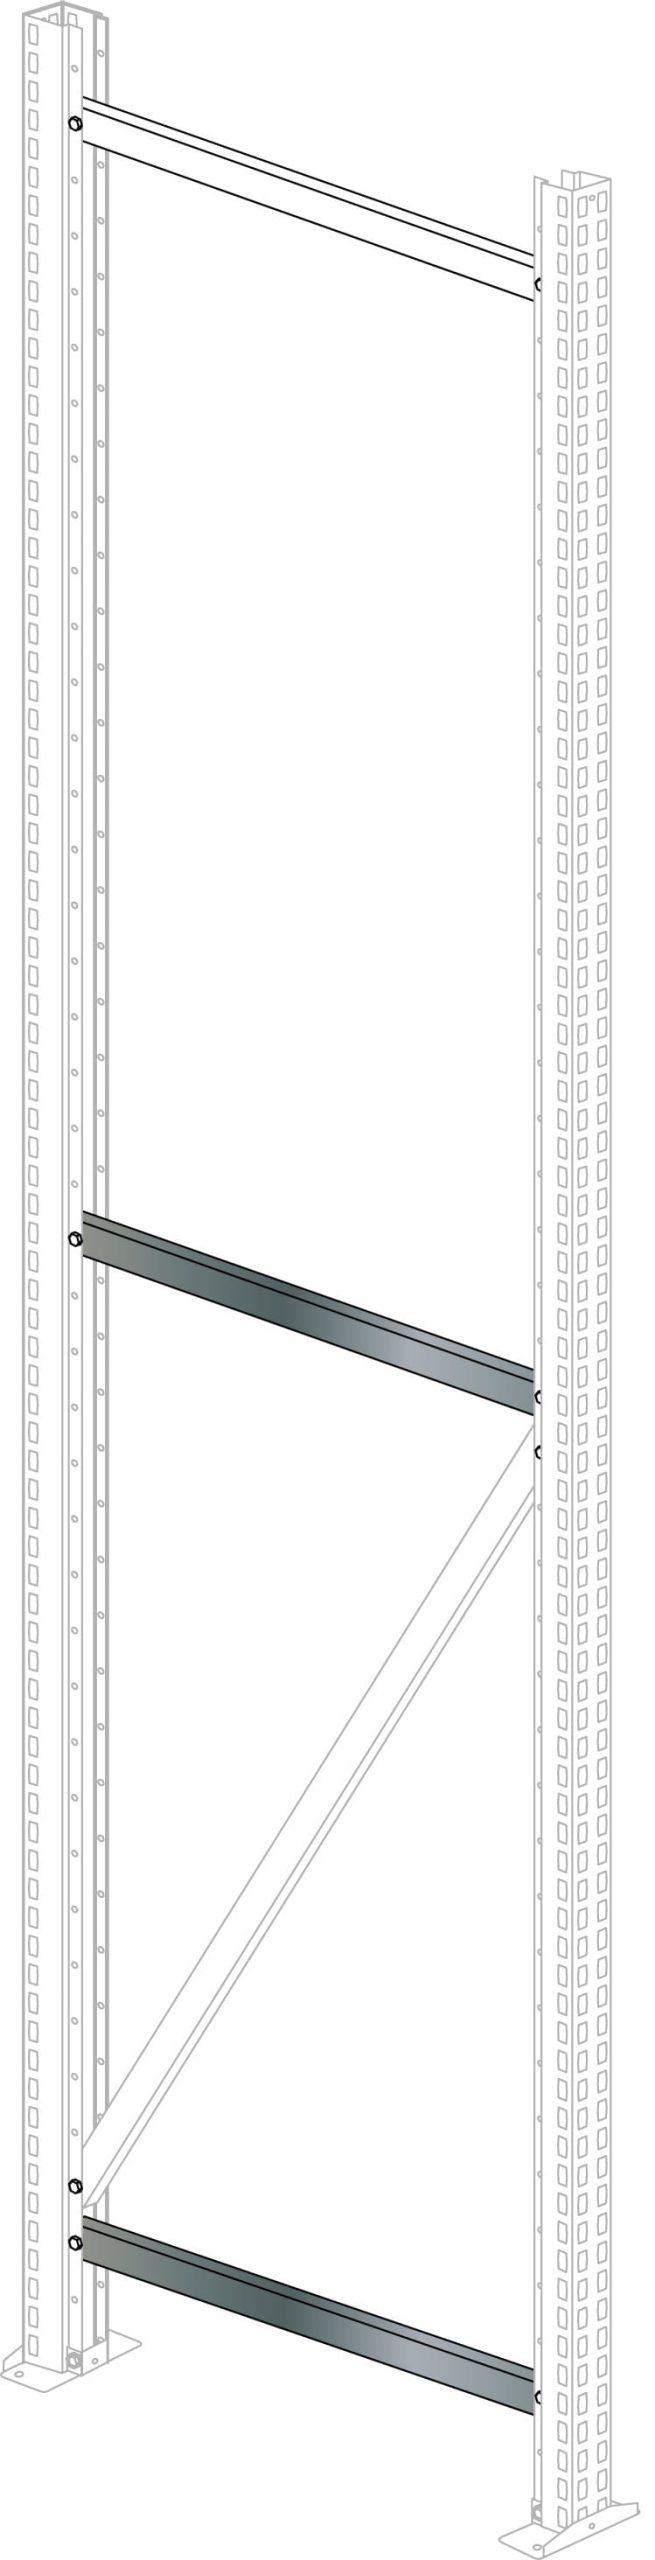 Horizontale 953 mm für Multifunk- – tionsstütze, Tiefe 1000 mm, verz.